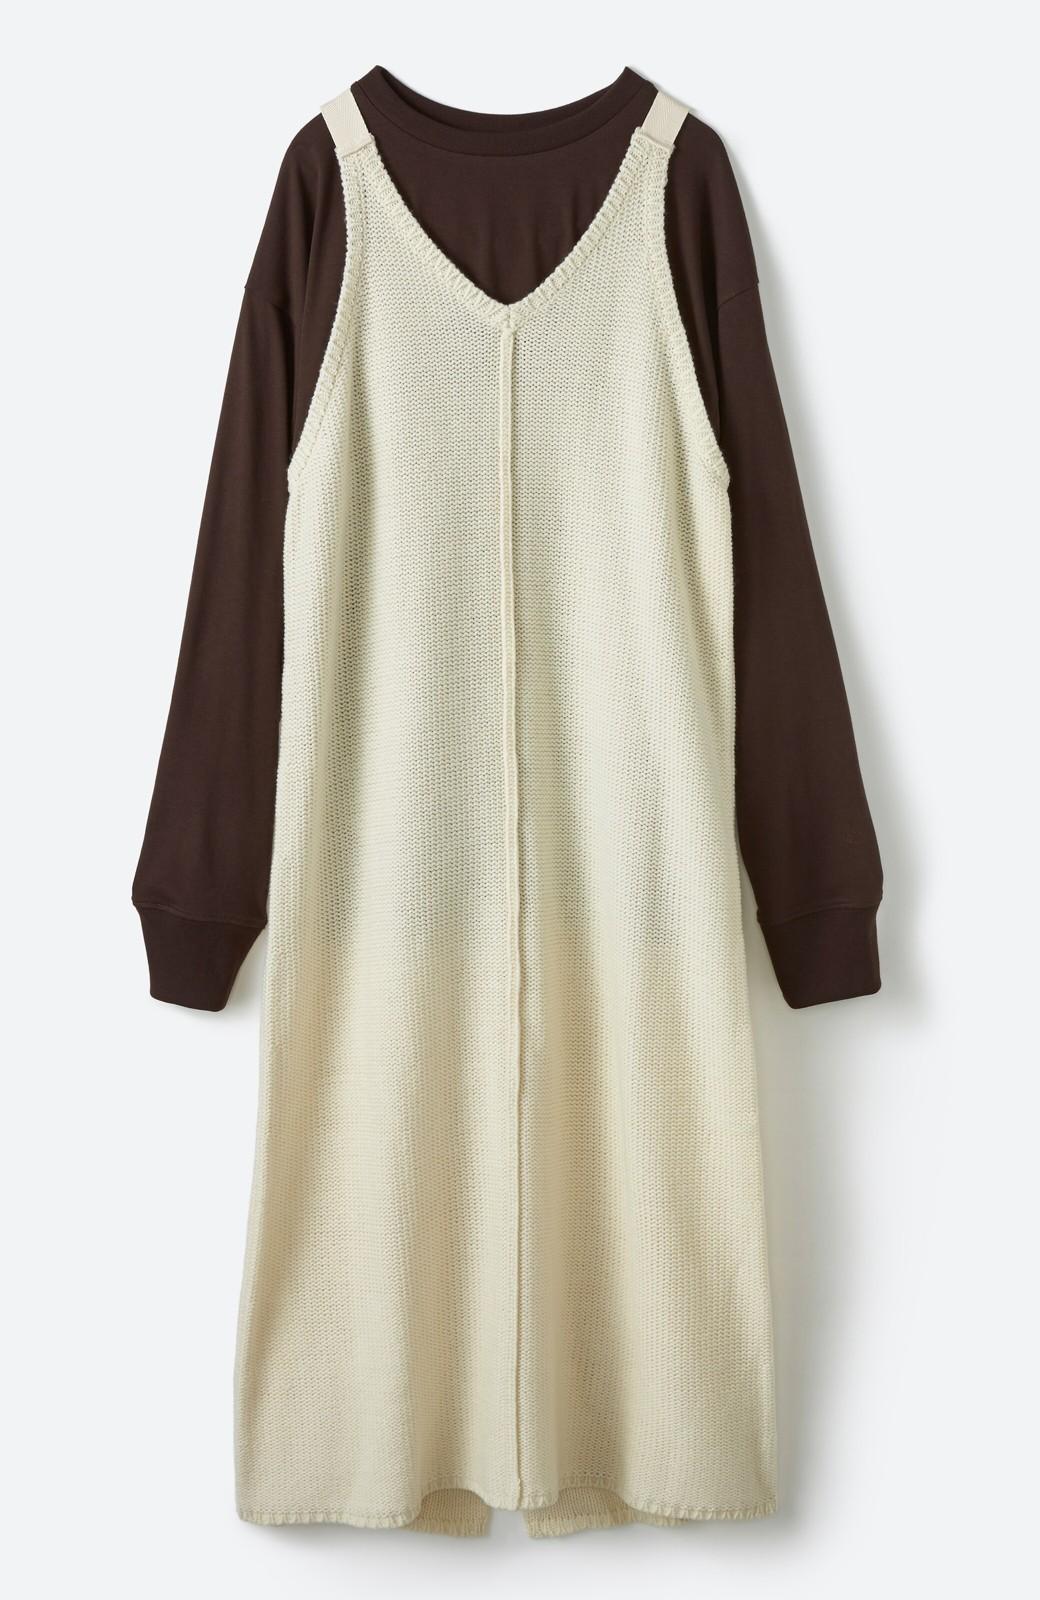 haco! 【高橋愛さんコラボ】ニットジャンパースカートとロングTシャツセット by LOVE&PEACE PROJECT <アイボリー>の商品写真4